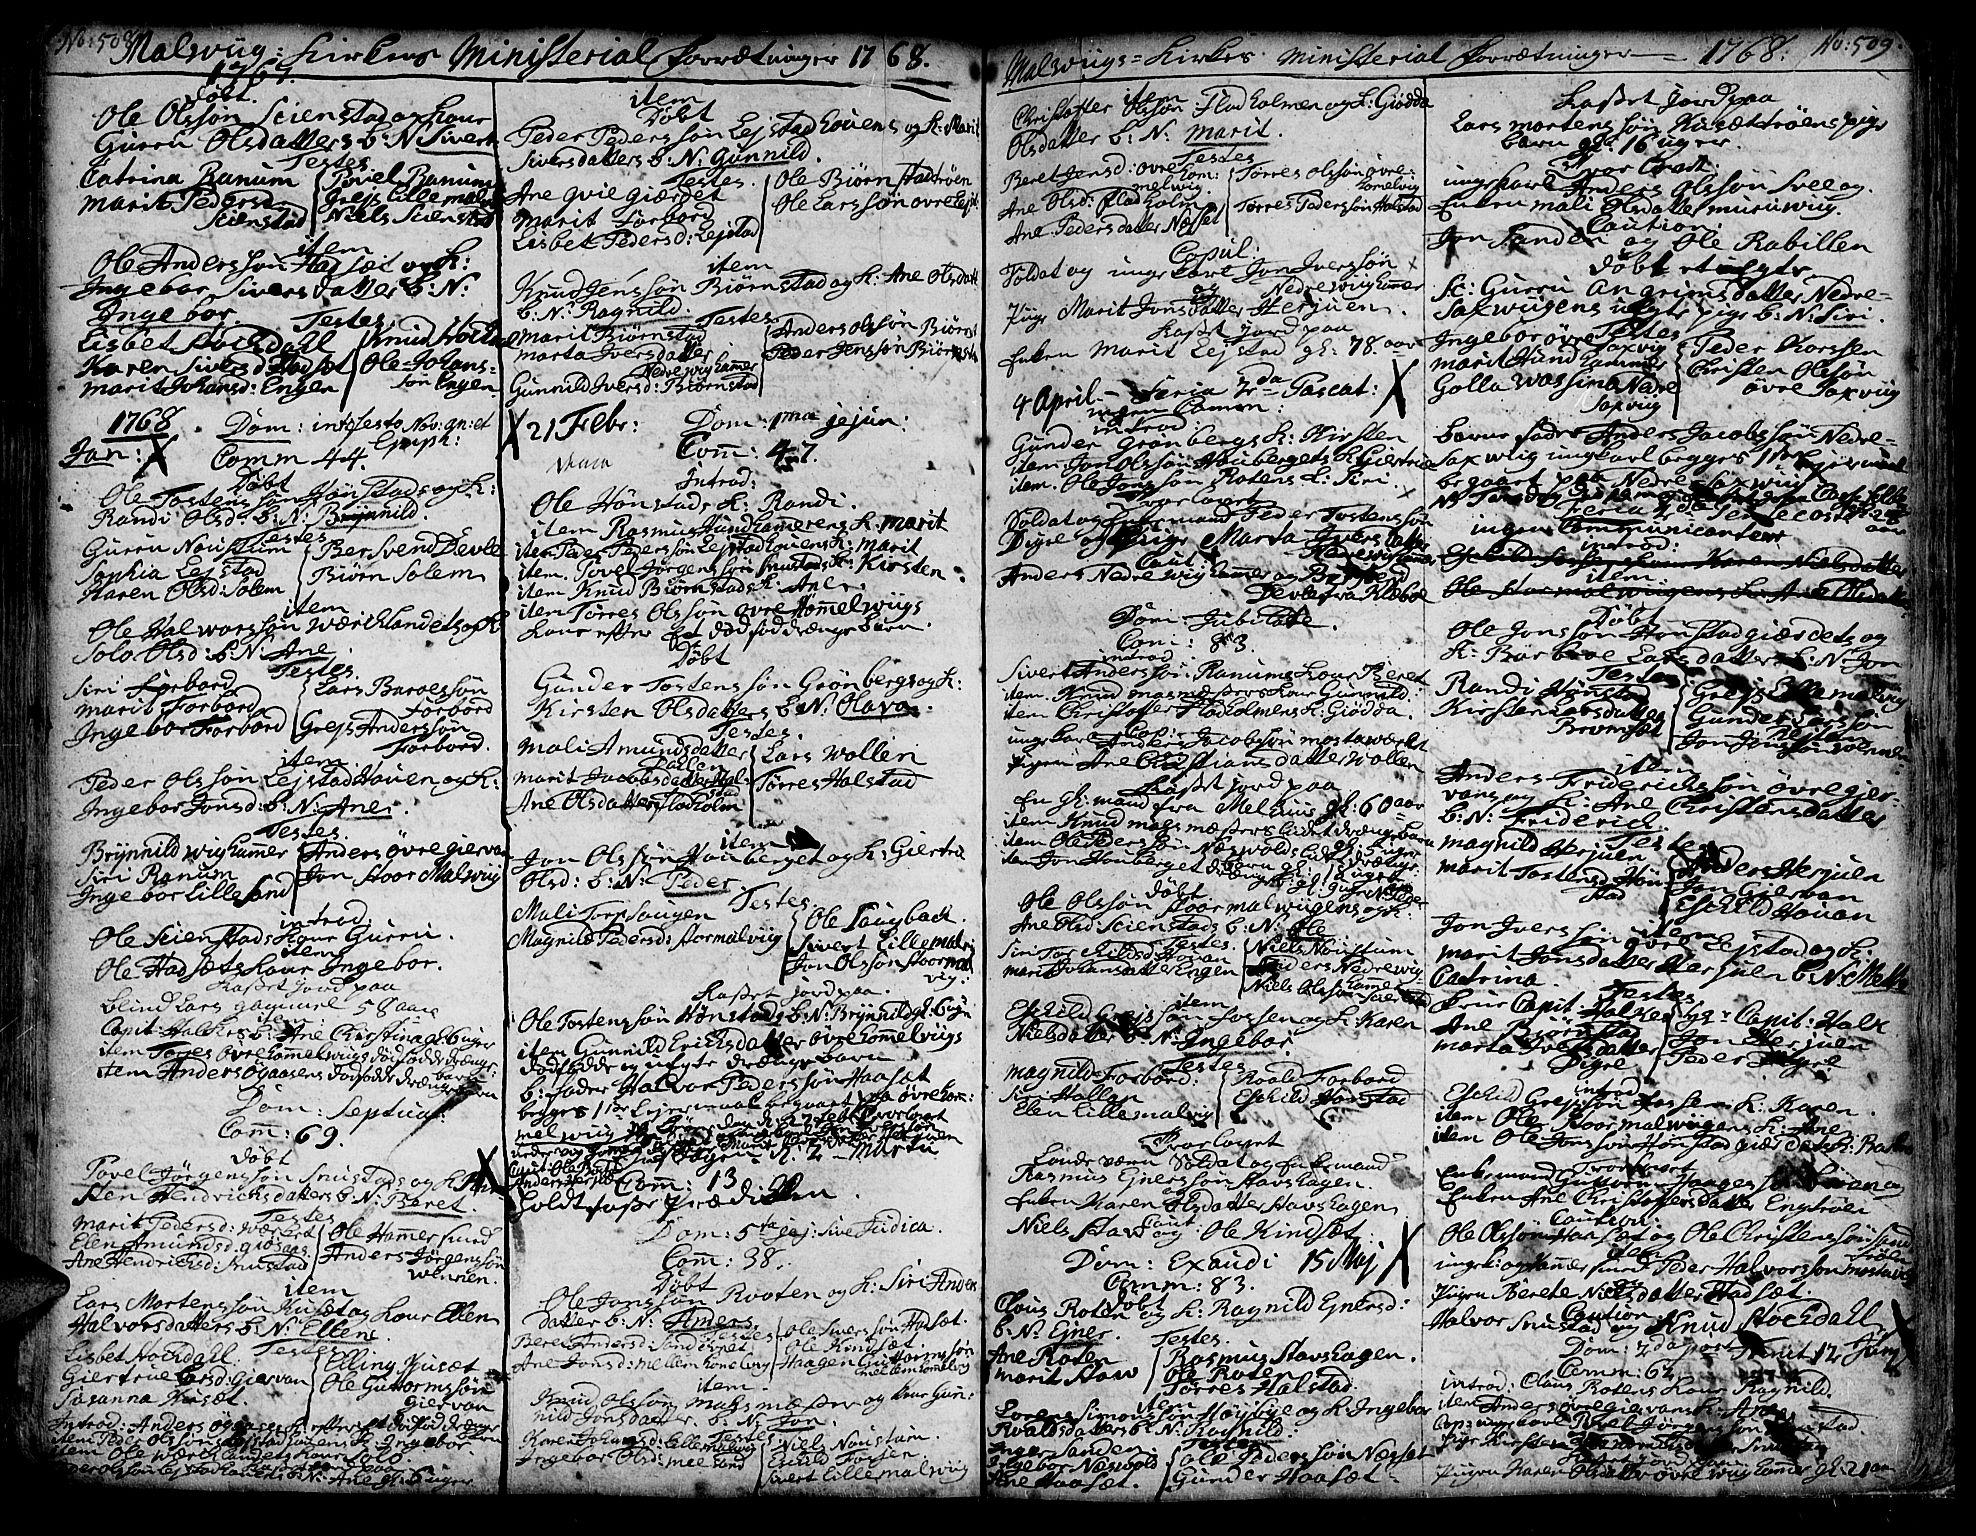 SAT, Ministerialprotokoller, klokkerbøker og fødselsregistre - Sør-Trøndelag, 606/L0277: Ministerialbok nr. 606A01 /3, 1727-1780, s. 508-509